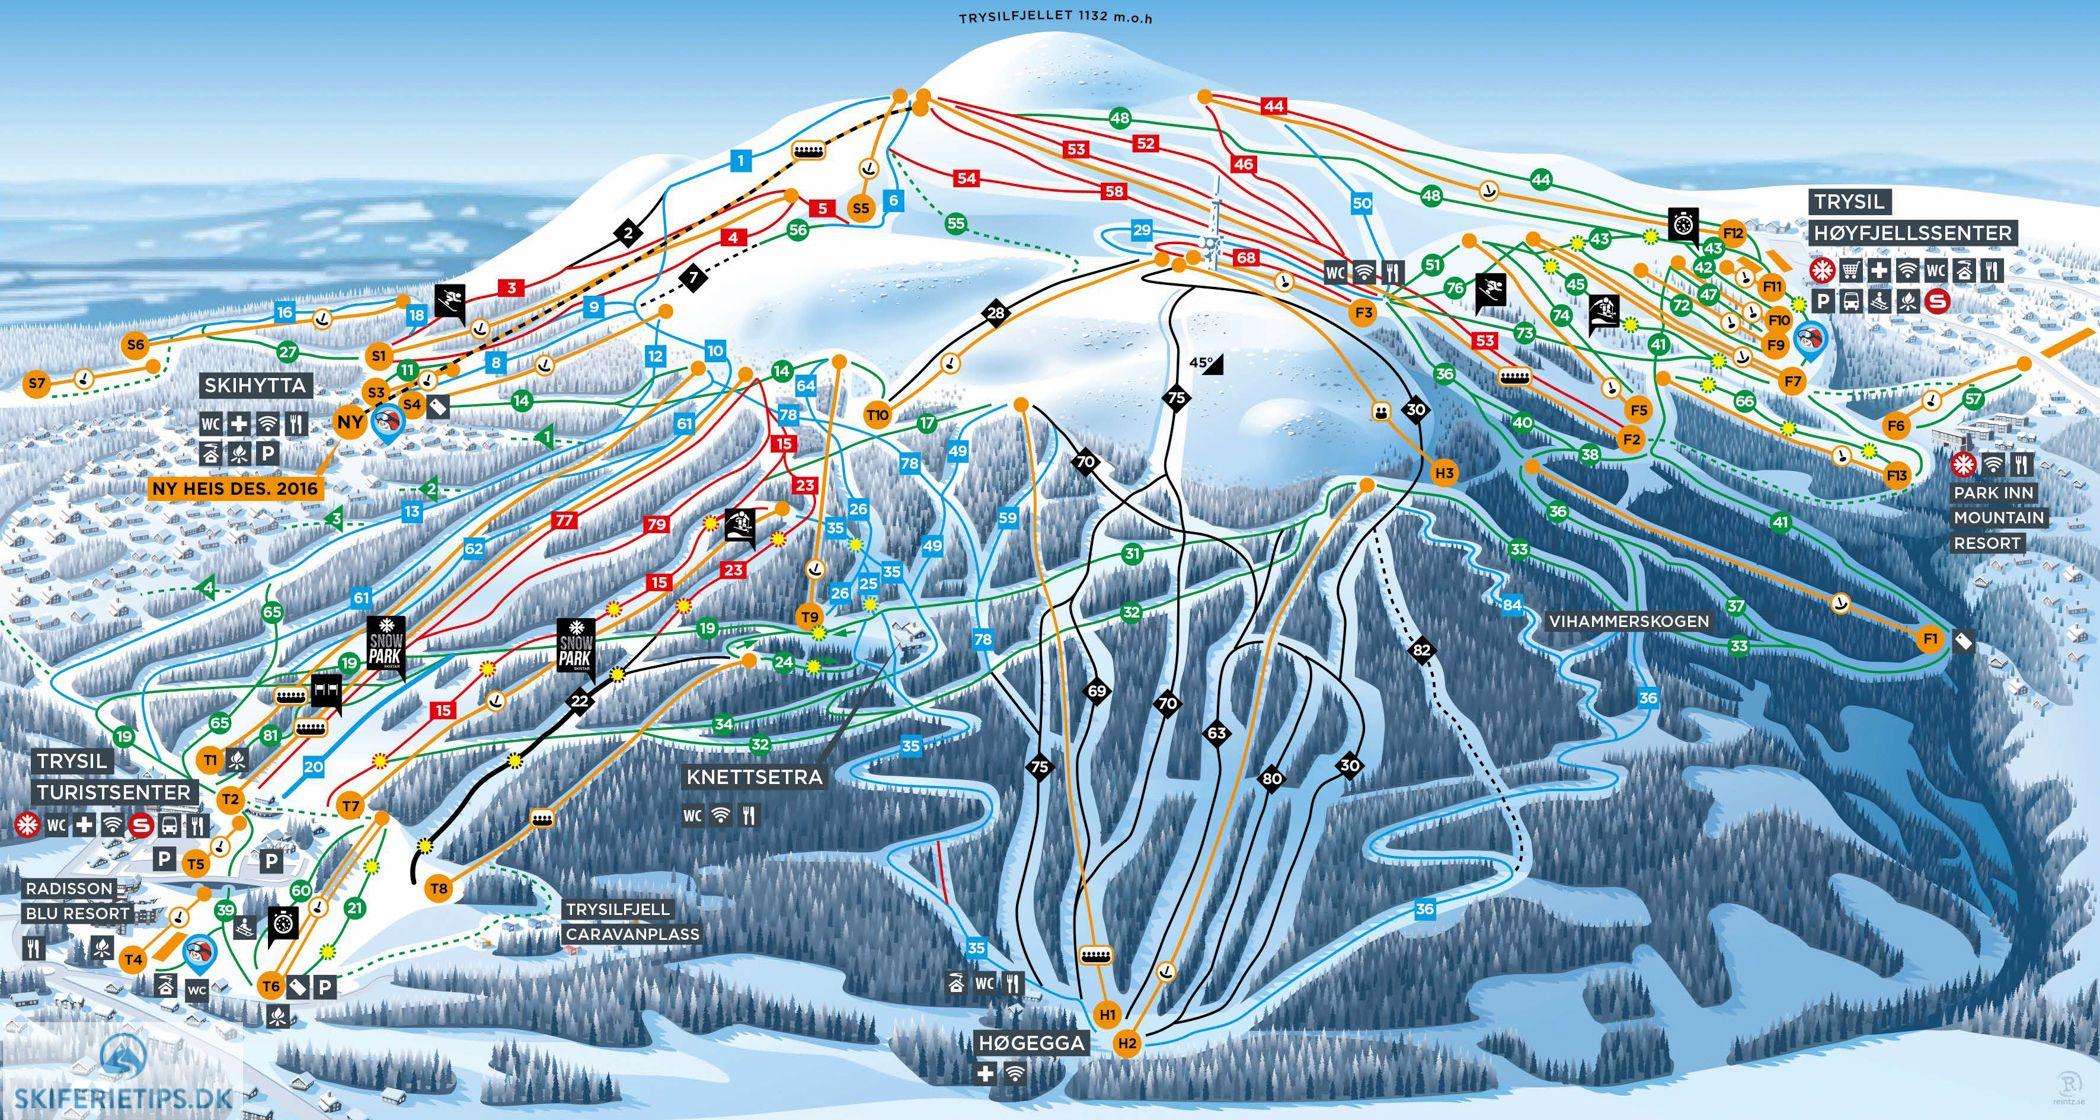 Pistekort Trysil Jpg 2 100 1 120 Pixels Skidakning Vinter Skida